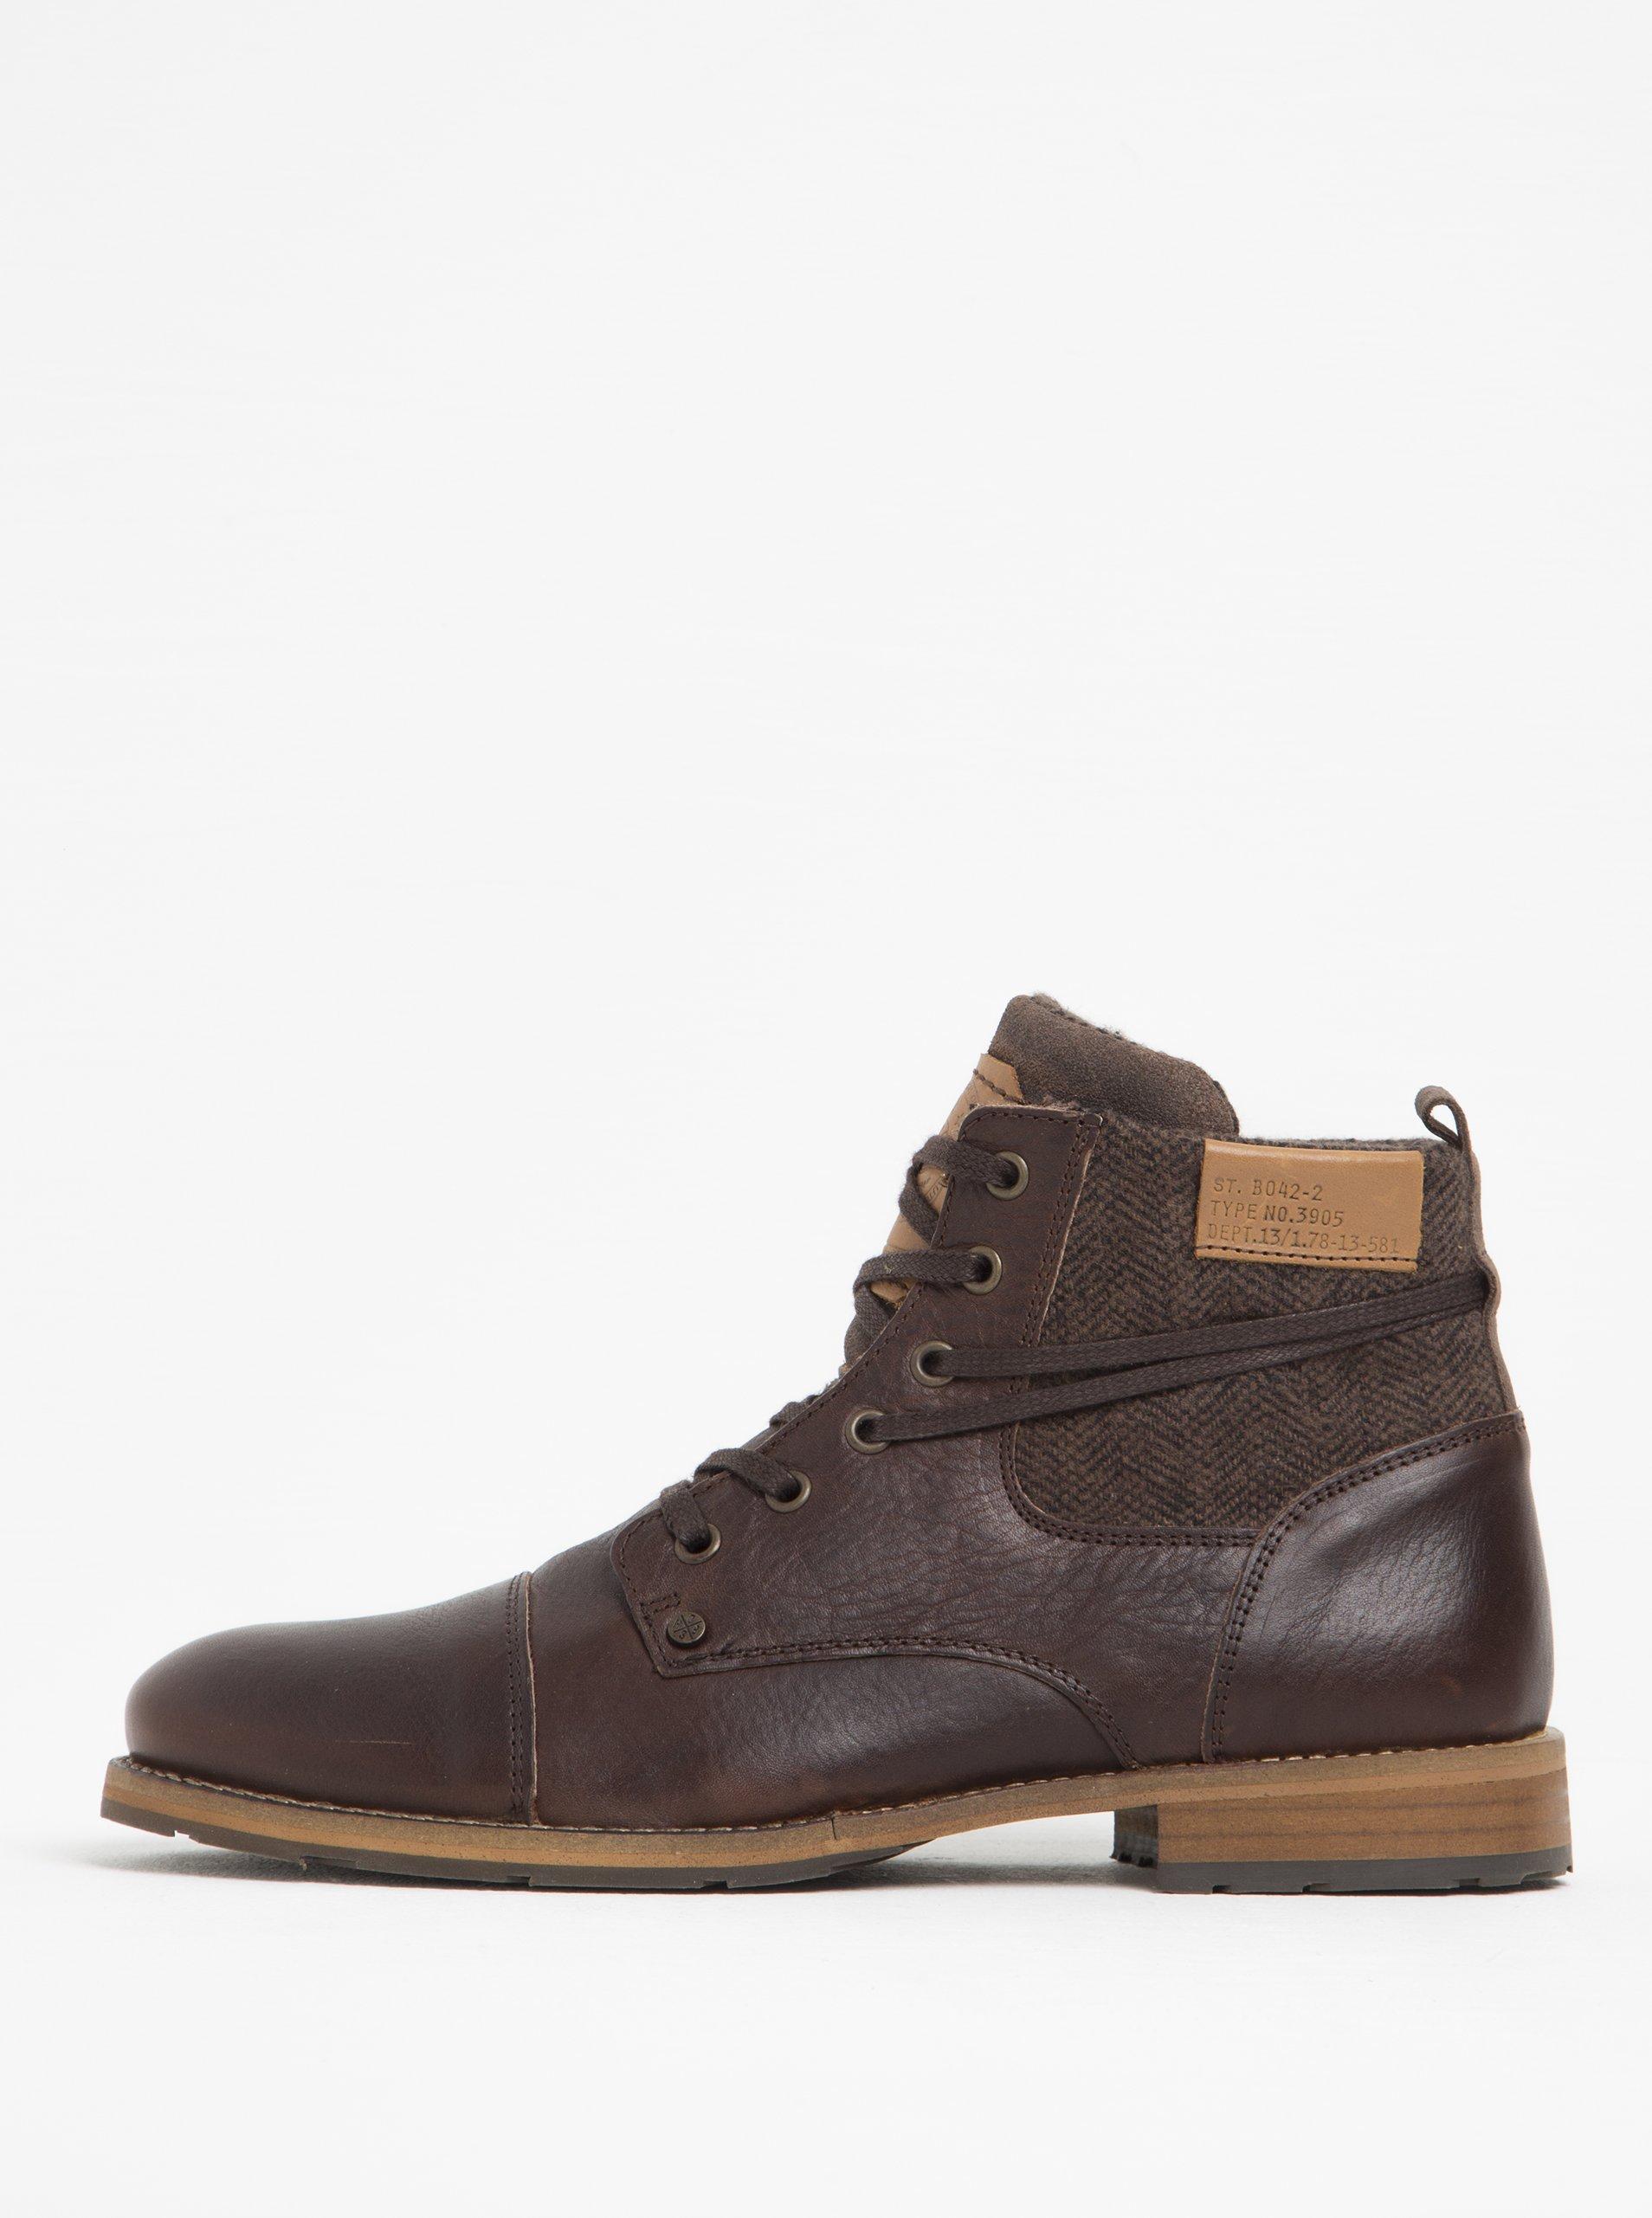 Hnědé pánské kožené kotníkové boty s textilní vsadkou Bullboxer